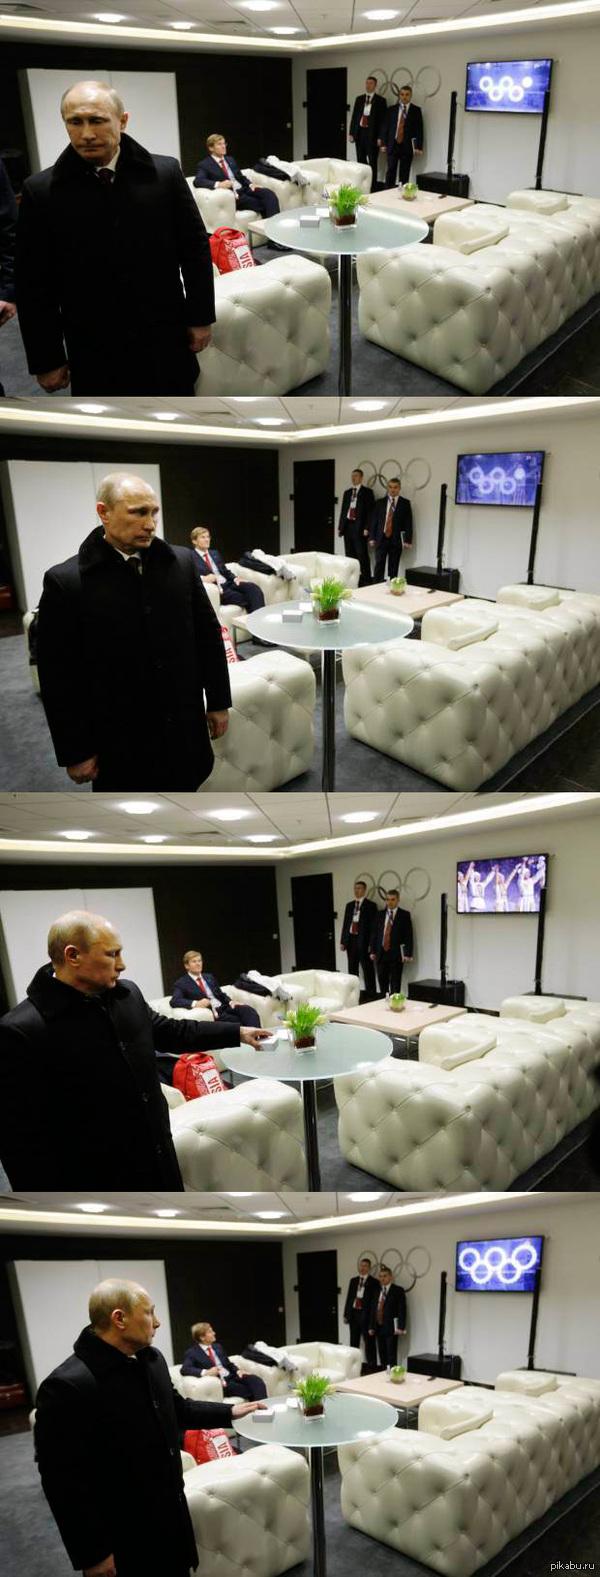 Когда Путин не смотрит Серия фотографий от Дэвида Голдмена.  upd: Внимание на телевизор!